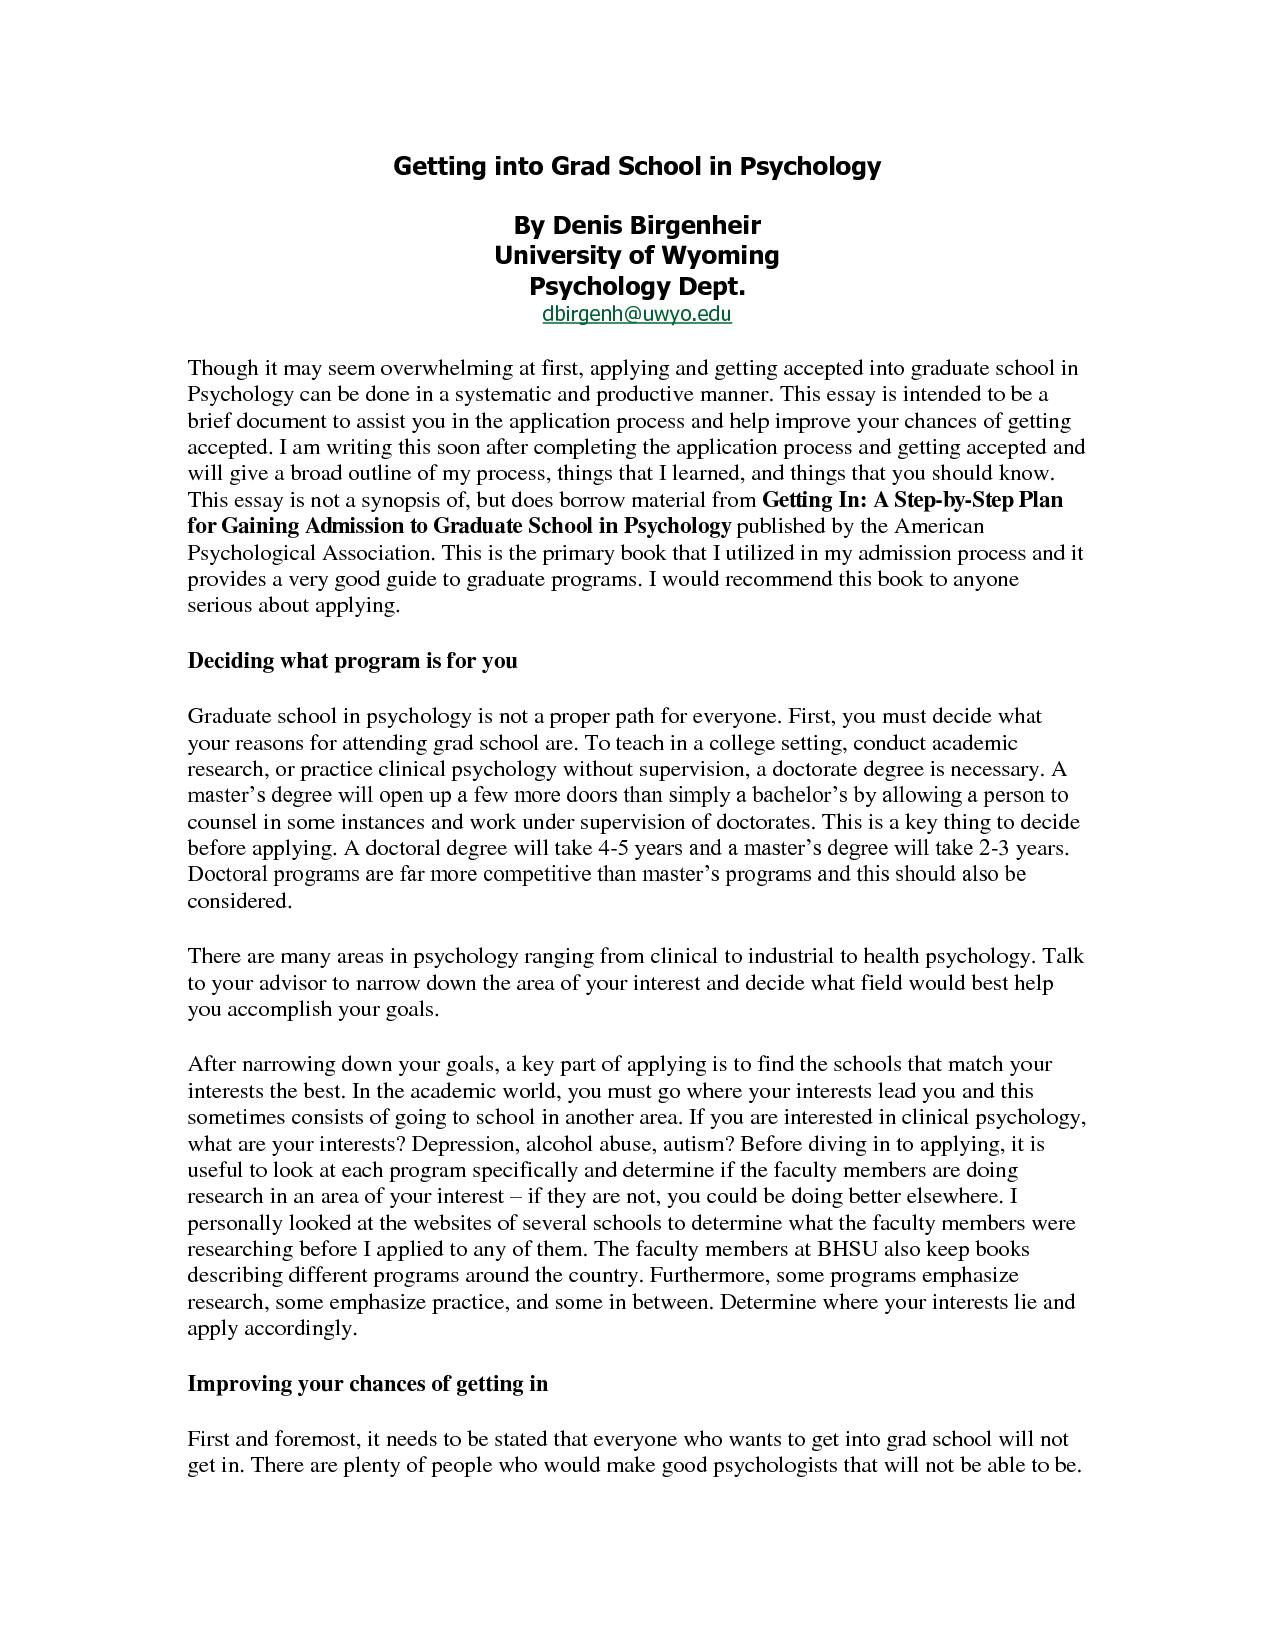 006 Duoejisf7u Essay Example Free Sample For Graduate School Formidable Admission Pdf Full